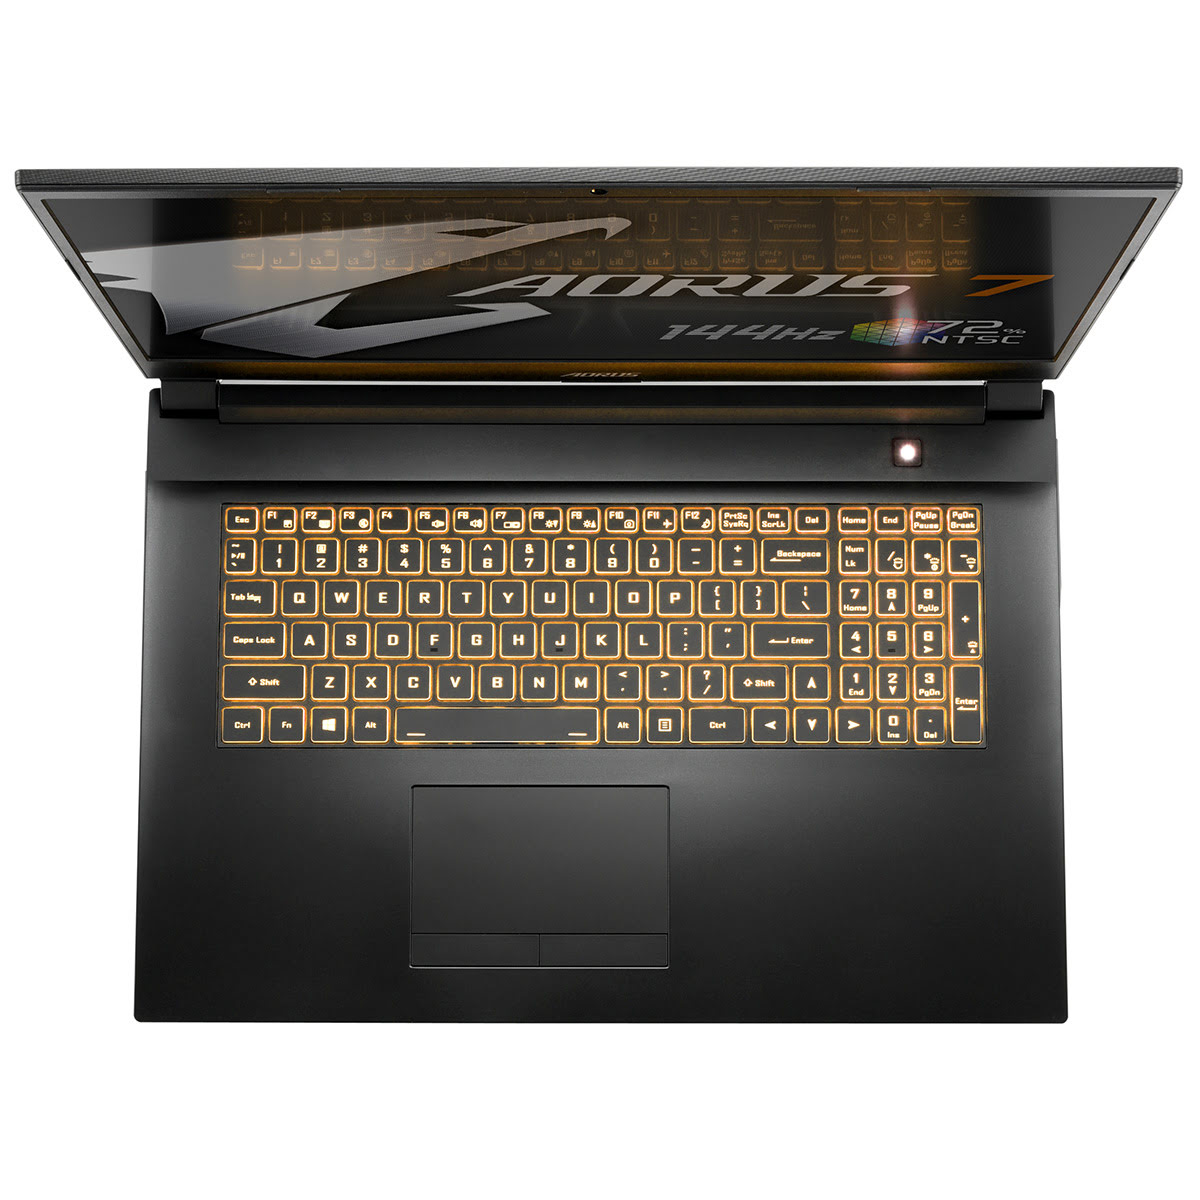 Gigabyte AORUS 7 SA-7FR1130SH - PC portable Gigabyte - Cybertek.fr - 2